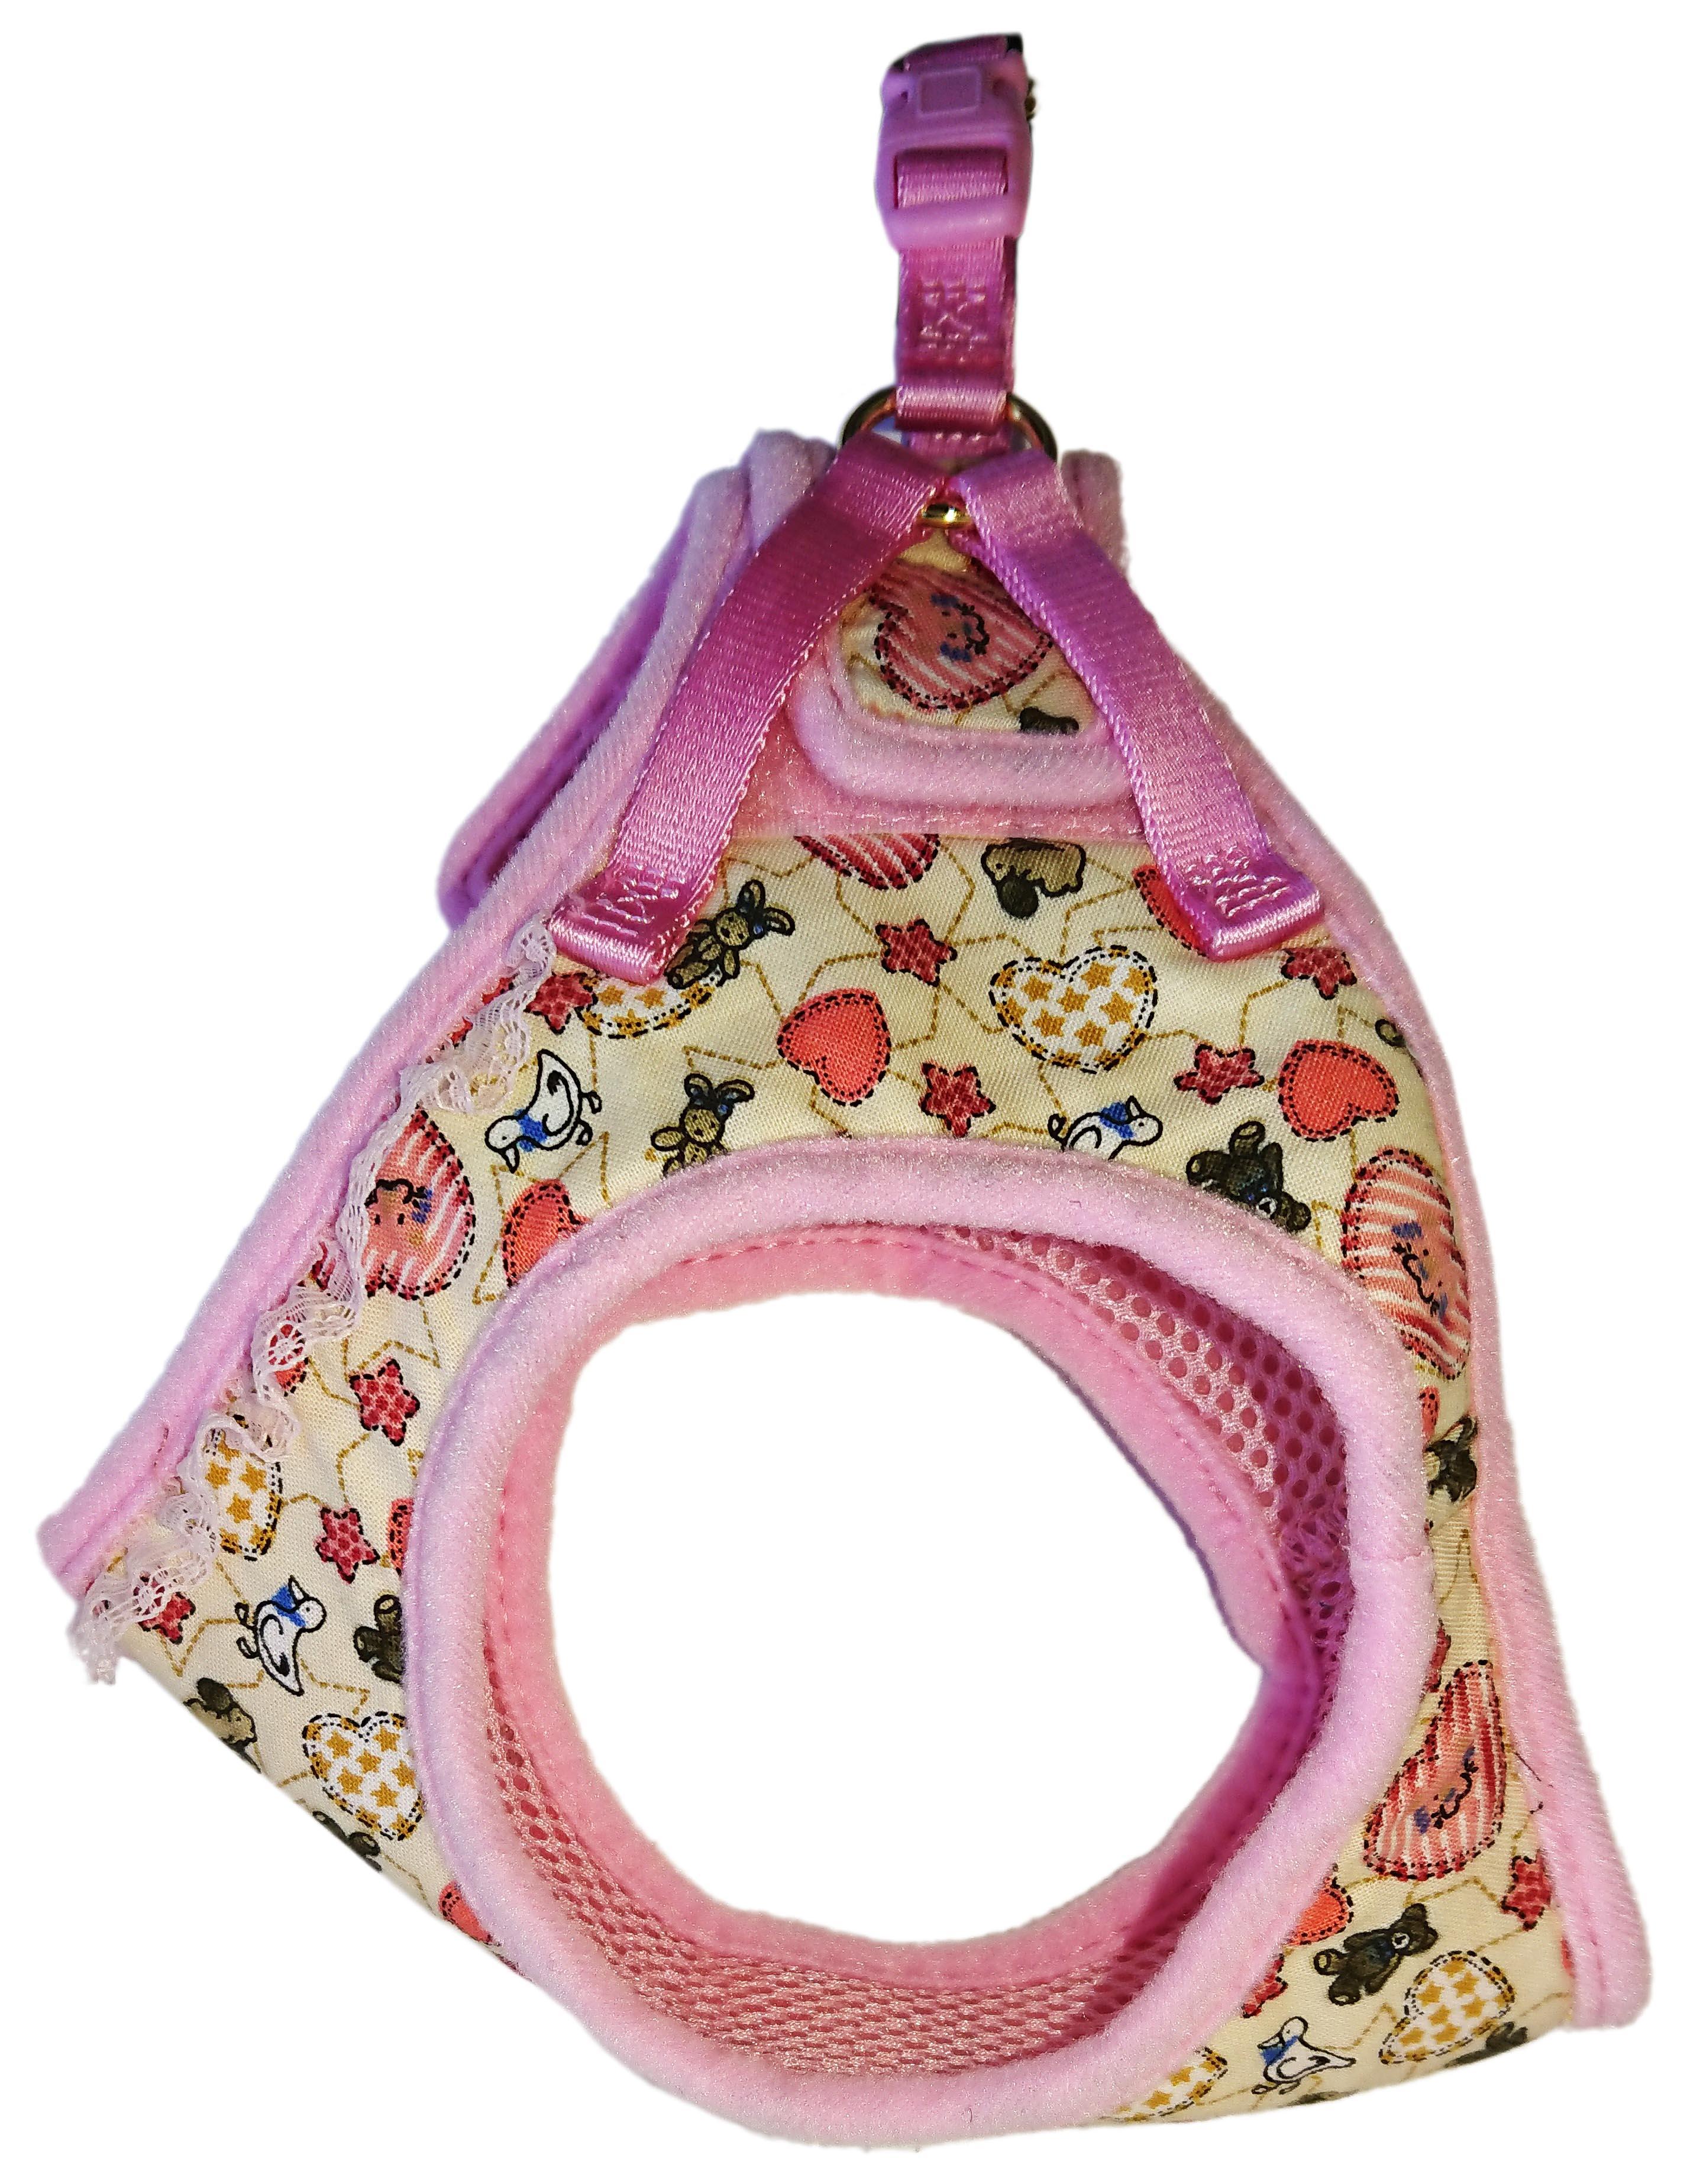 Шлейка для собак Premium Pet Japan Буржуа Мягкая S 7 кг Розовый